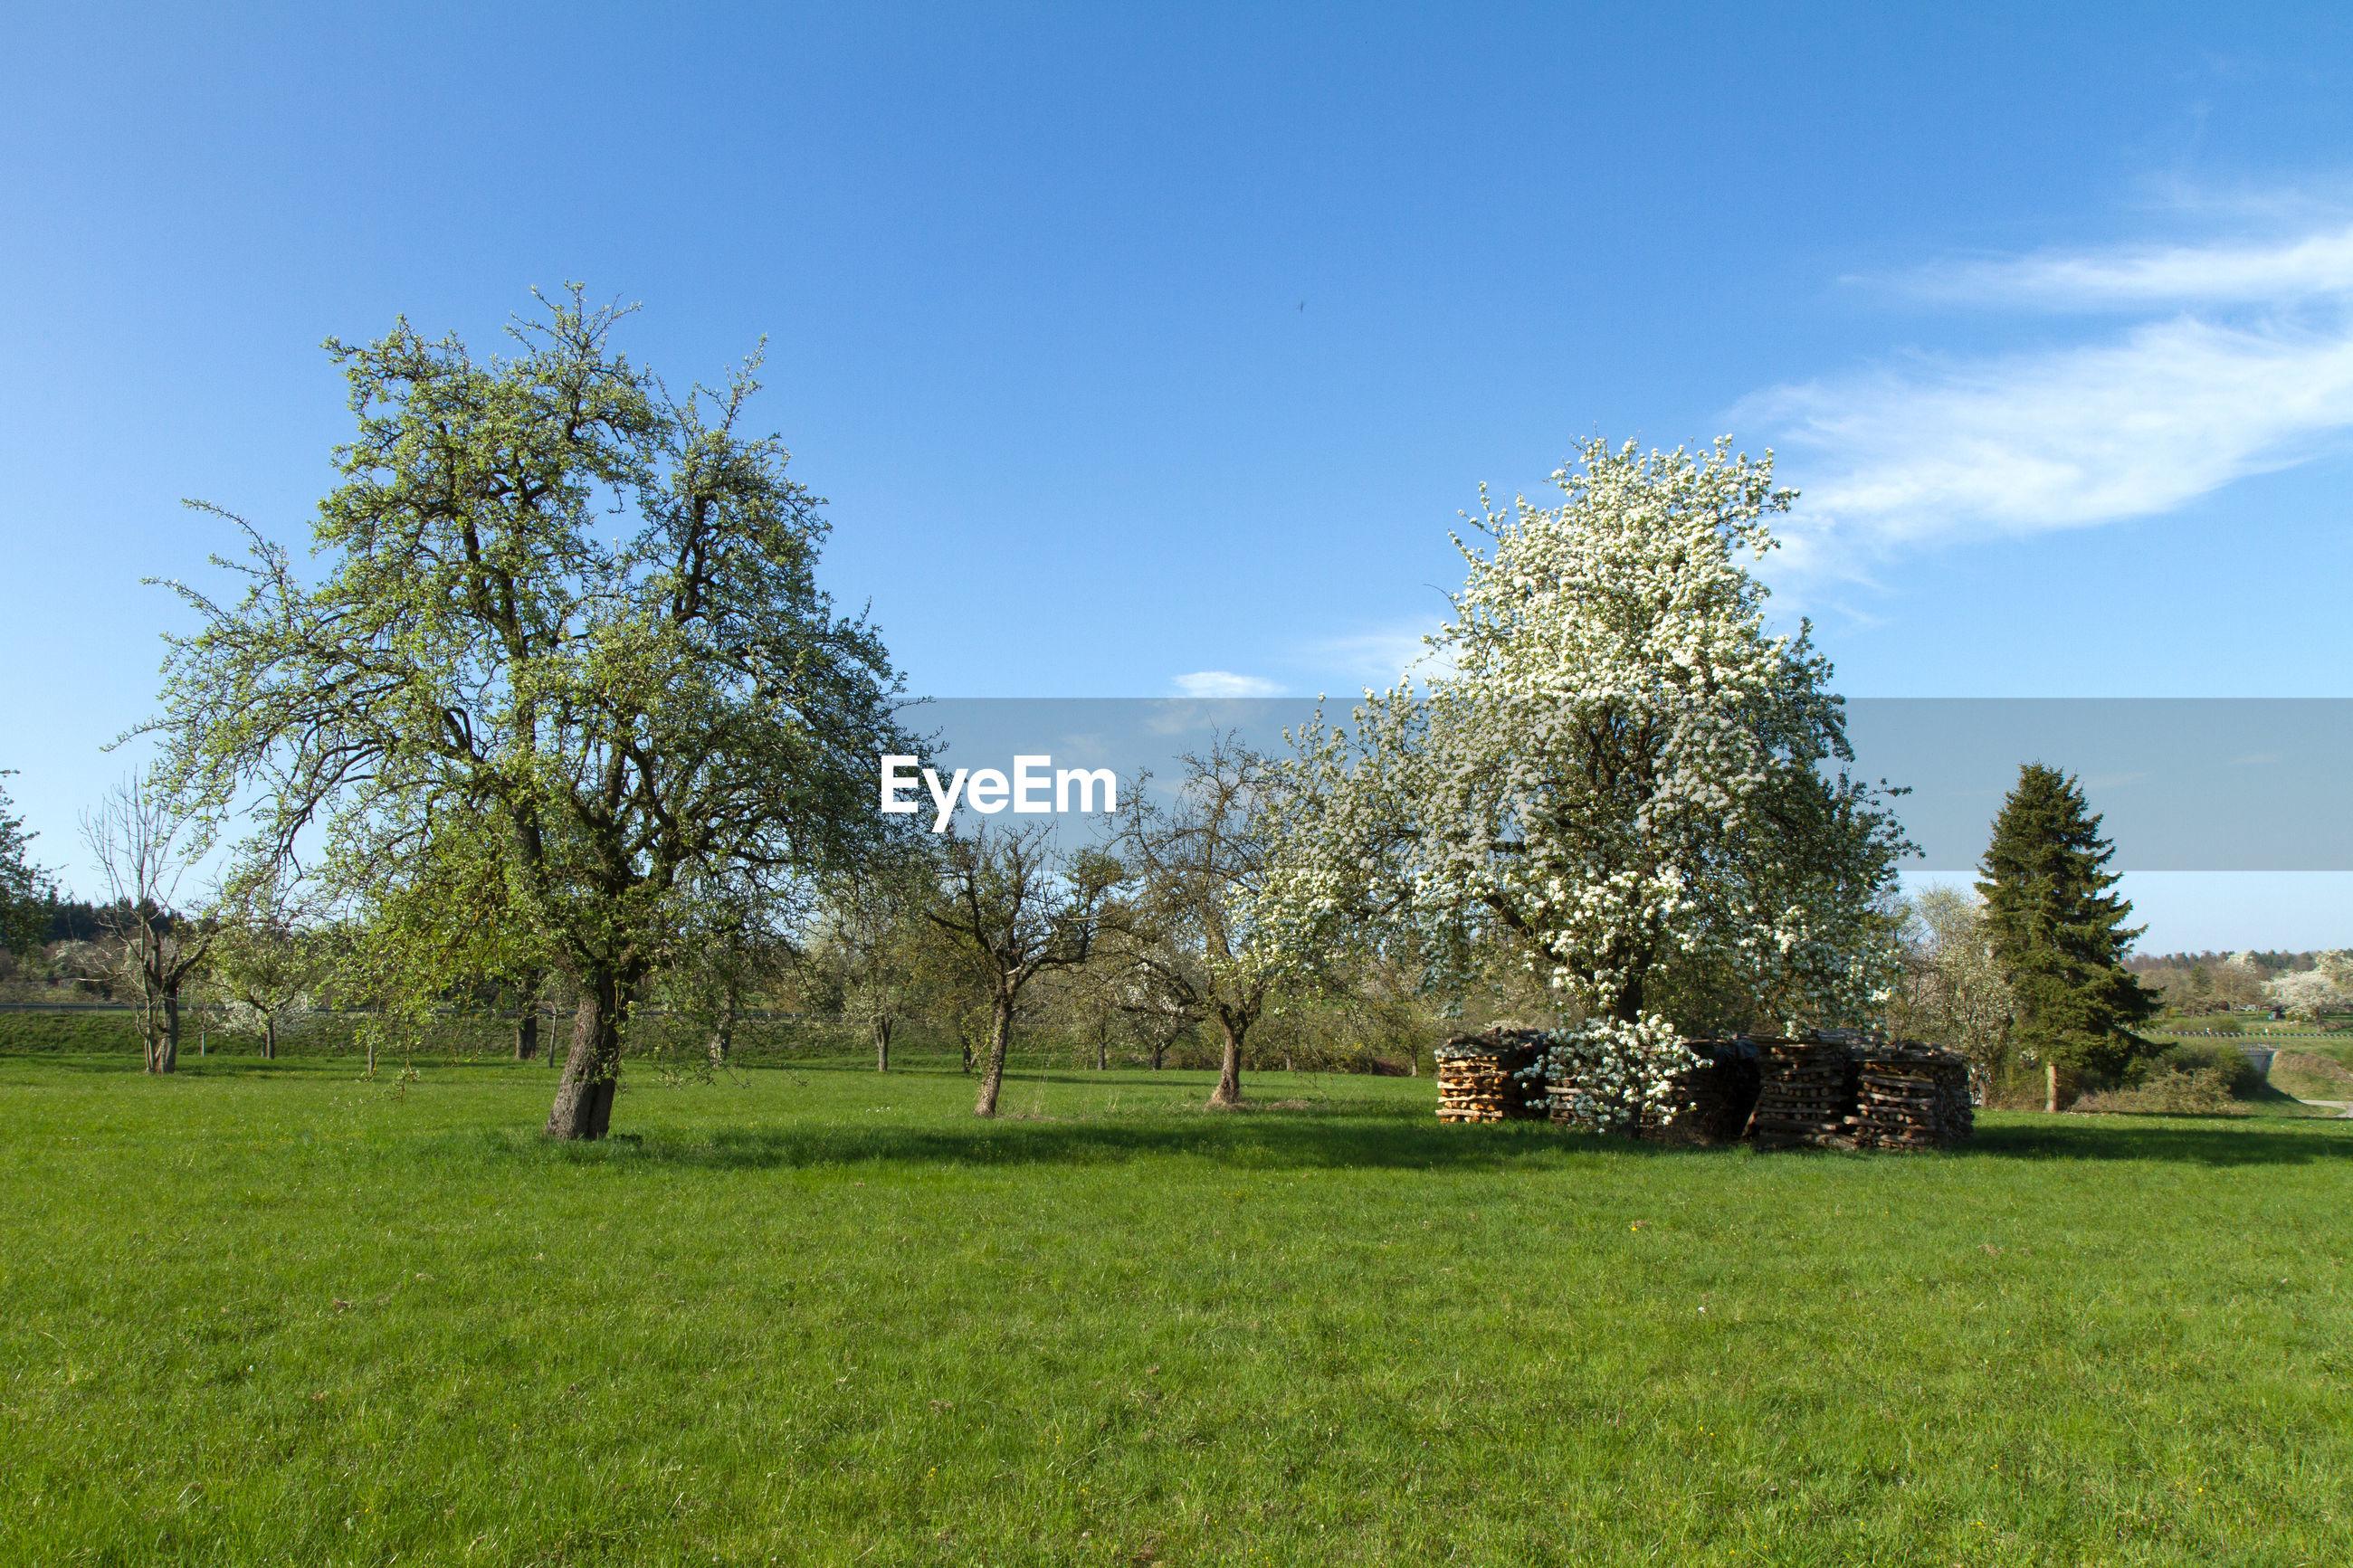 TREES GROWING IN FIELD AGAINST SKY